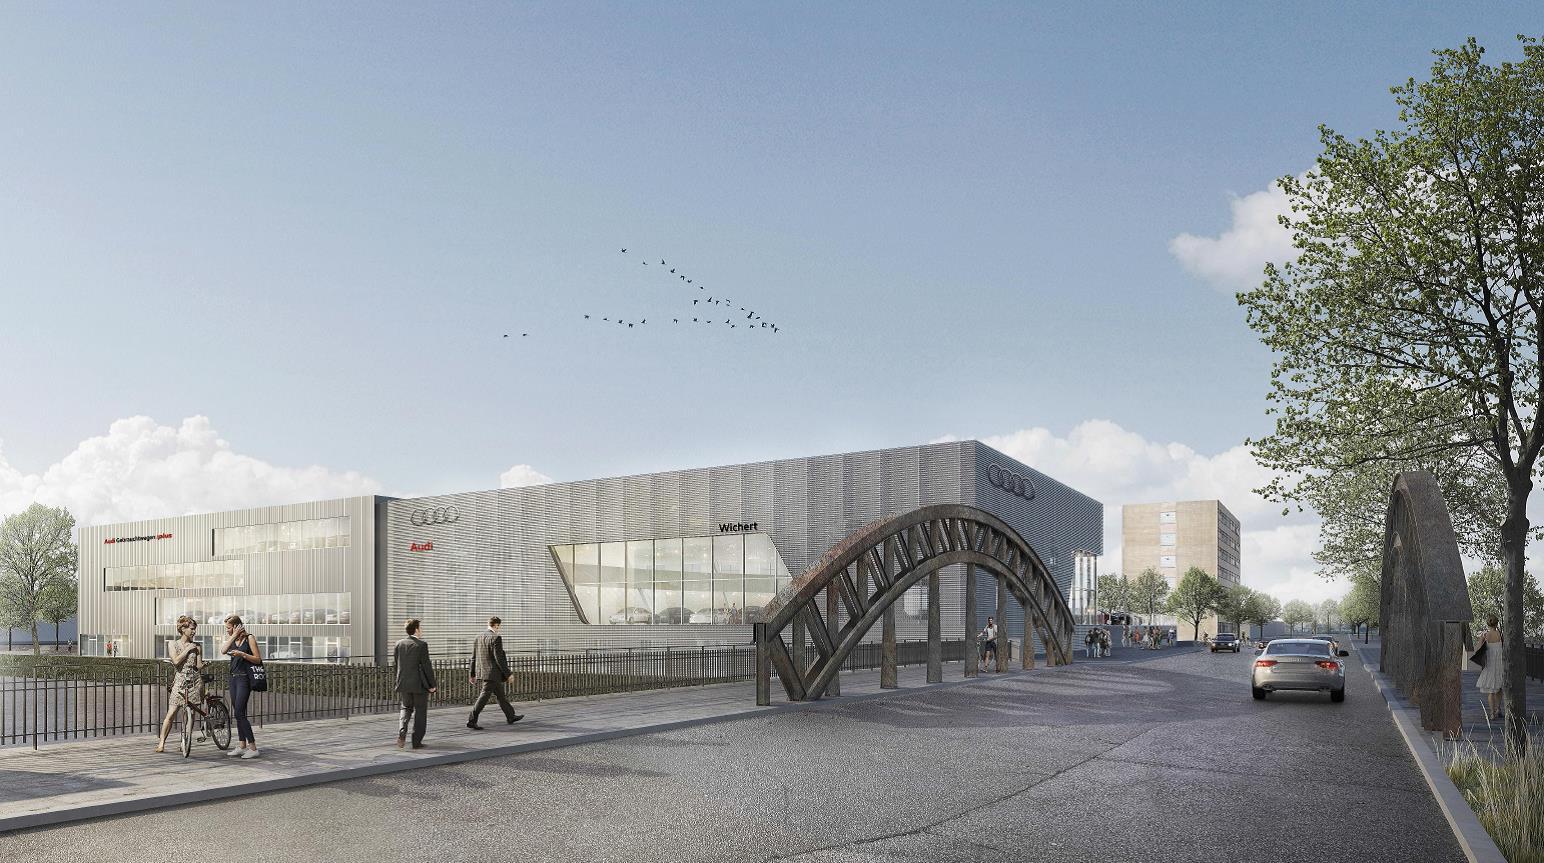 Der neue Audi terminal von Auto Wichert in Hamburg Hammerbrook